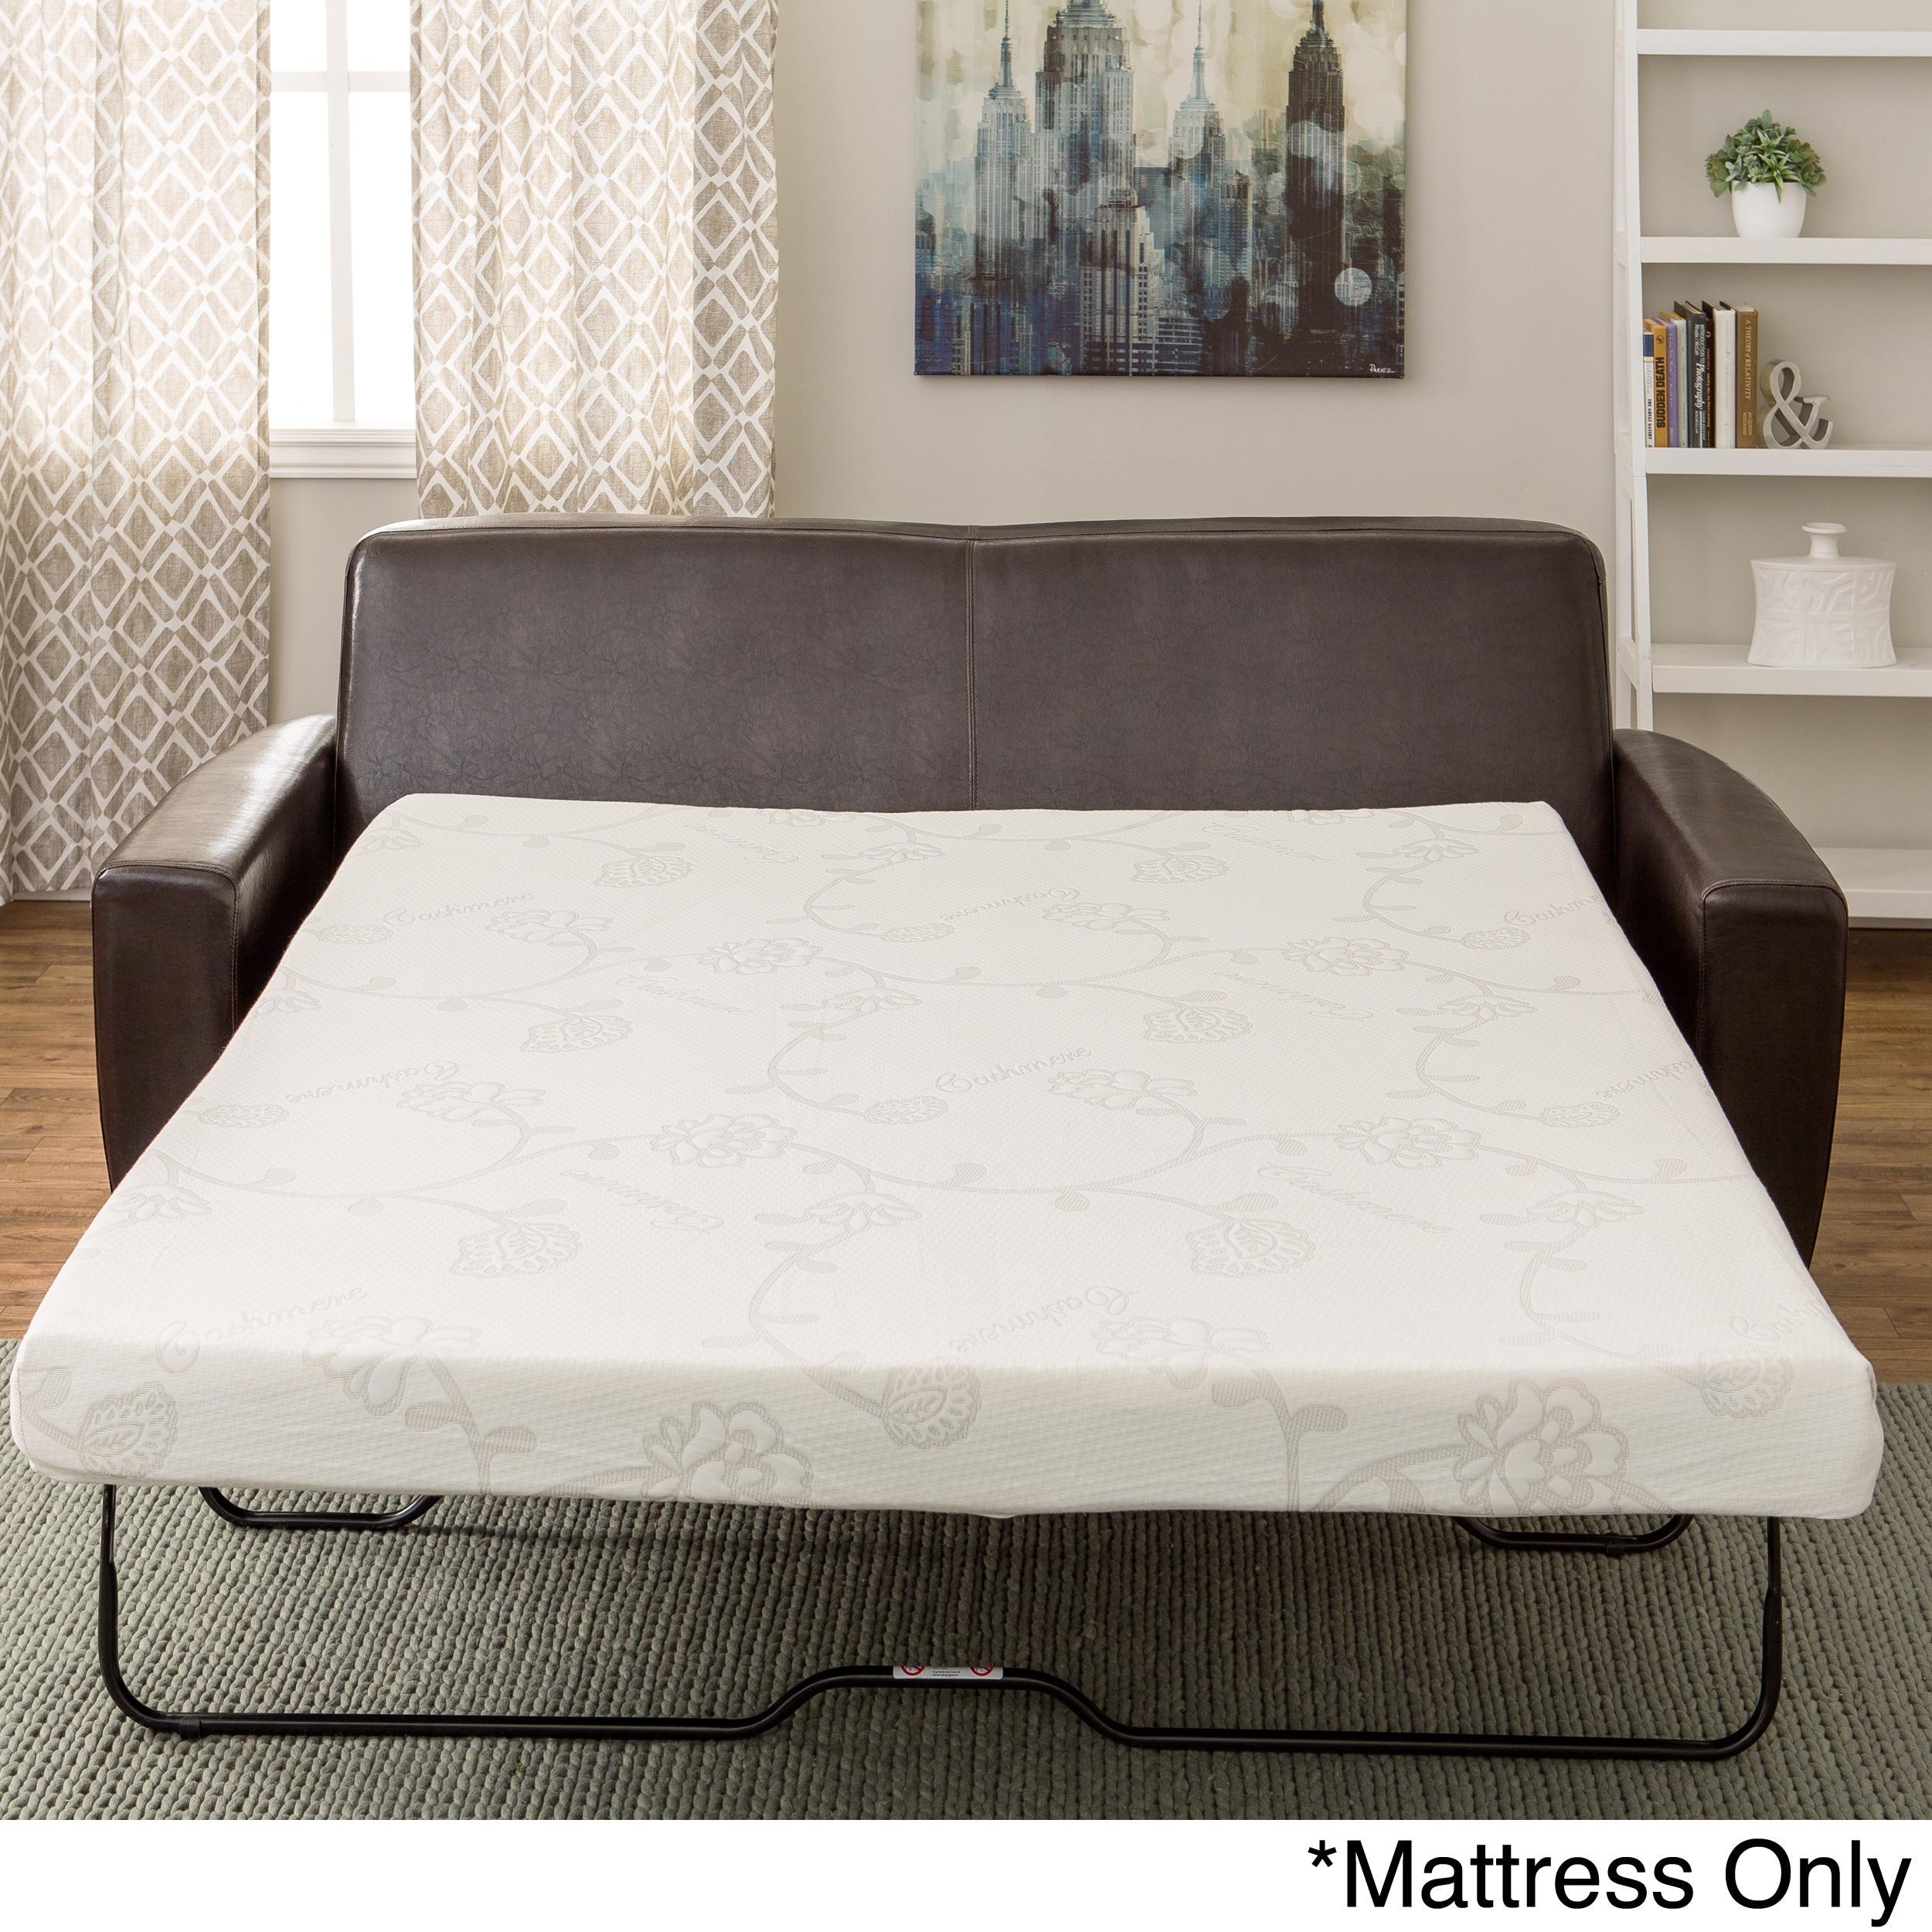 Innerspace 4.5-inch Memory Foam Full-size Sofa Sleeper Ma...